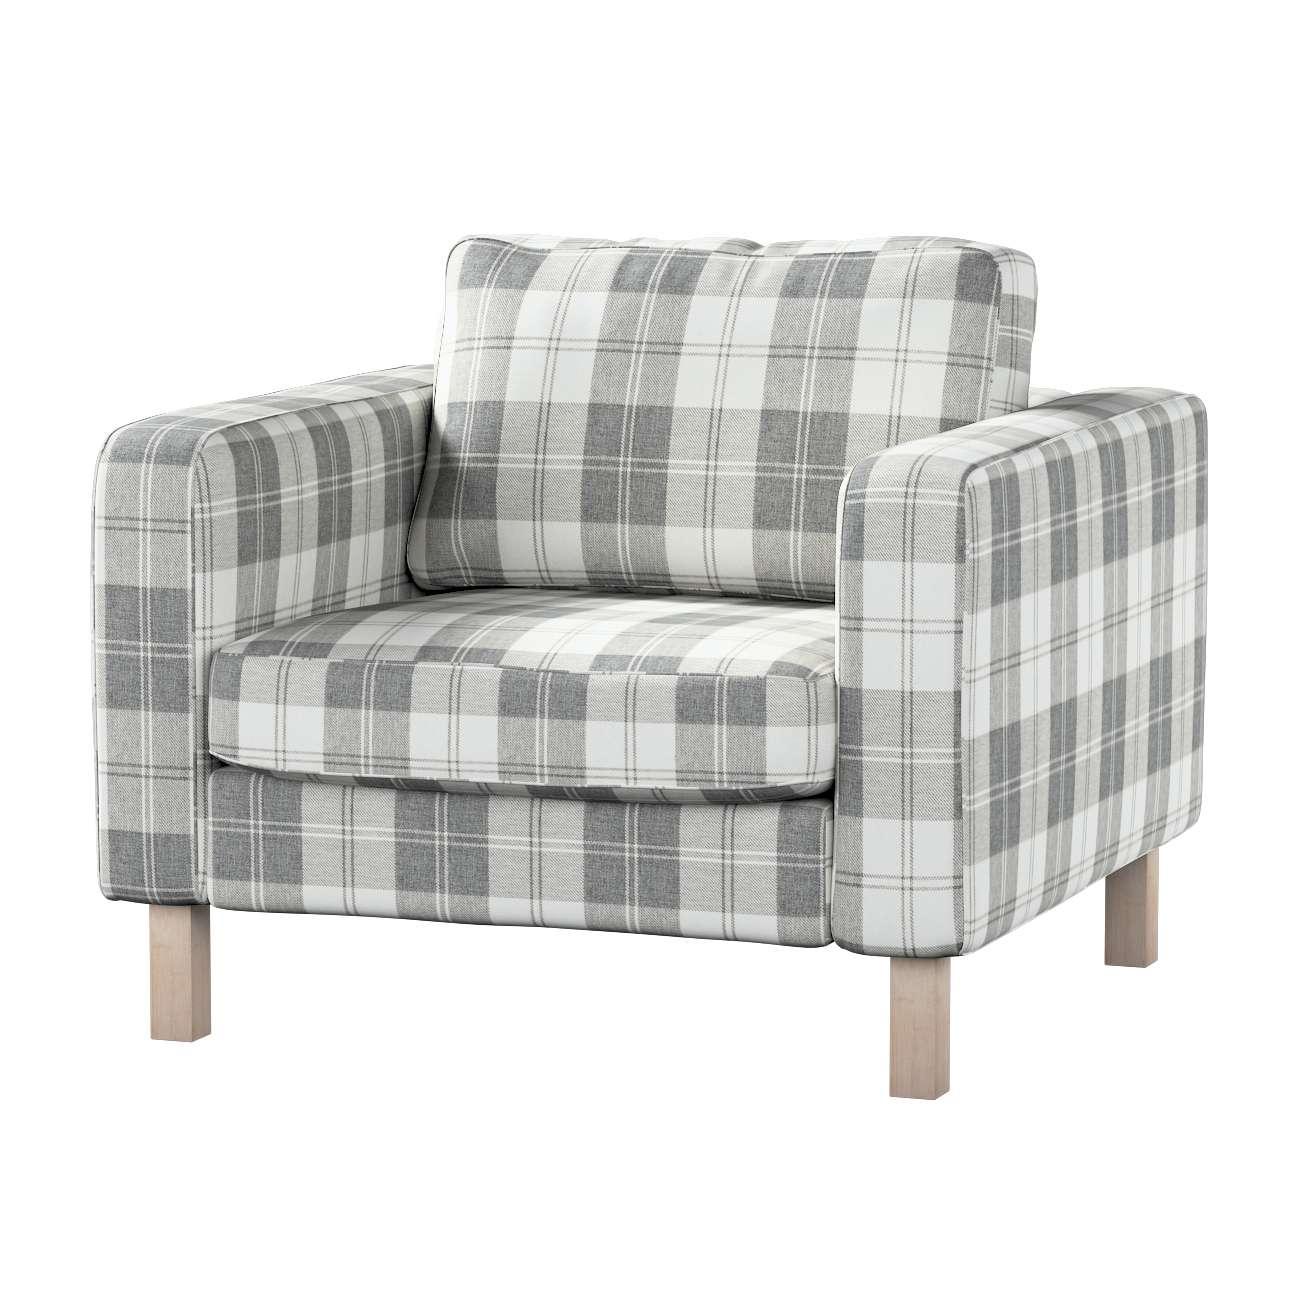 Pokrowiec na fotel Karlstad, krótki Fotel Karlstad w kolekcji Edinburgh, tkanina: 115-79